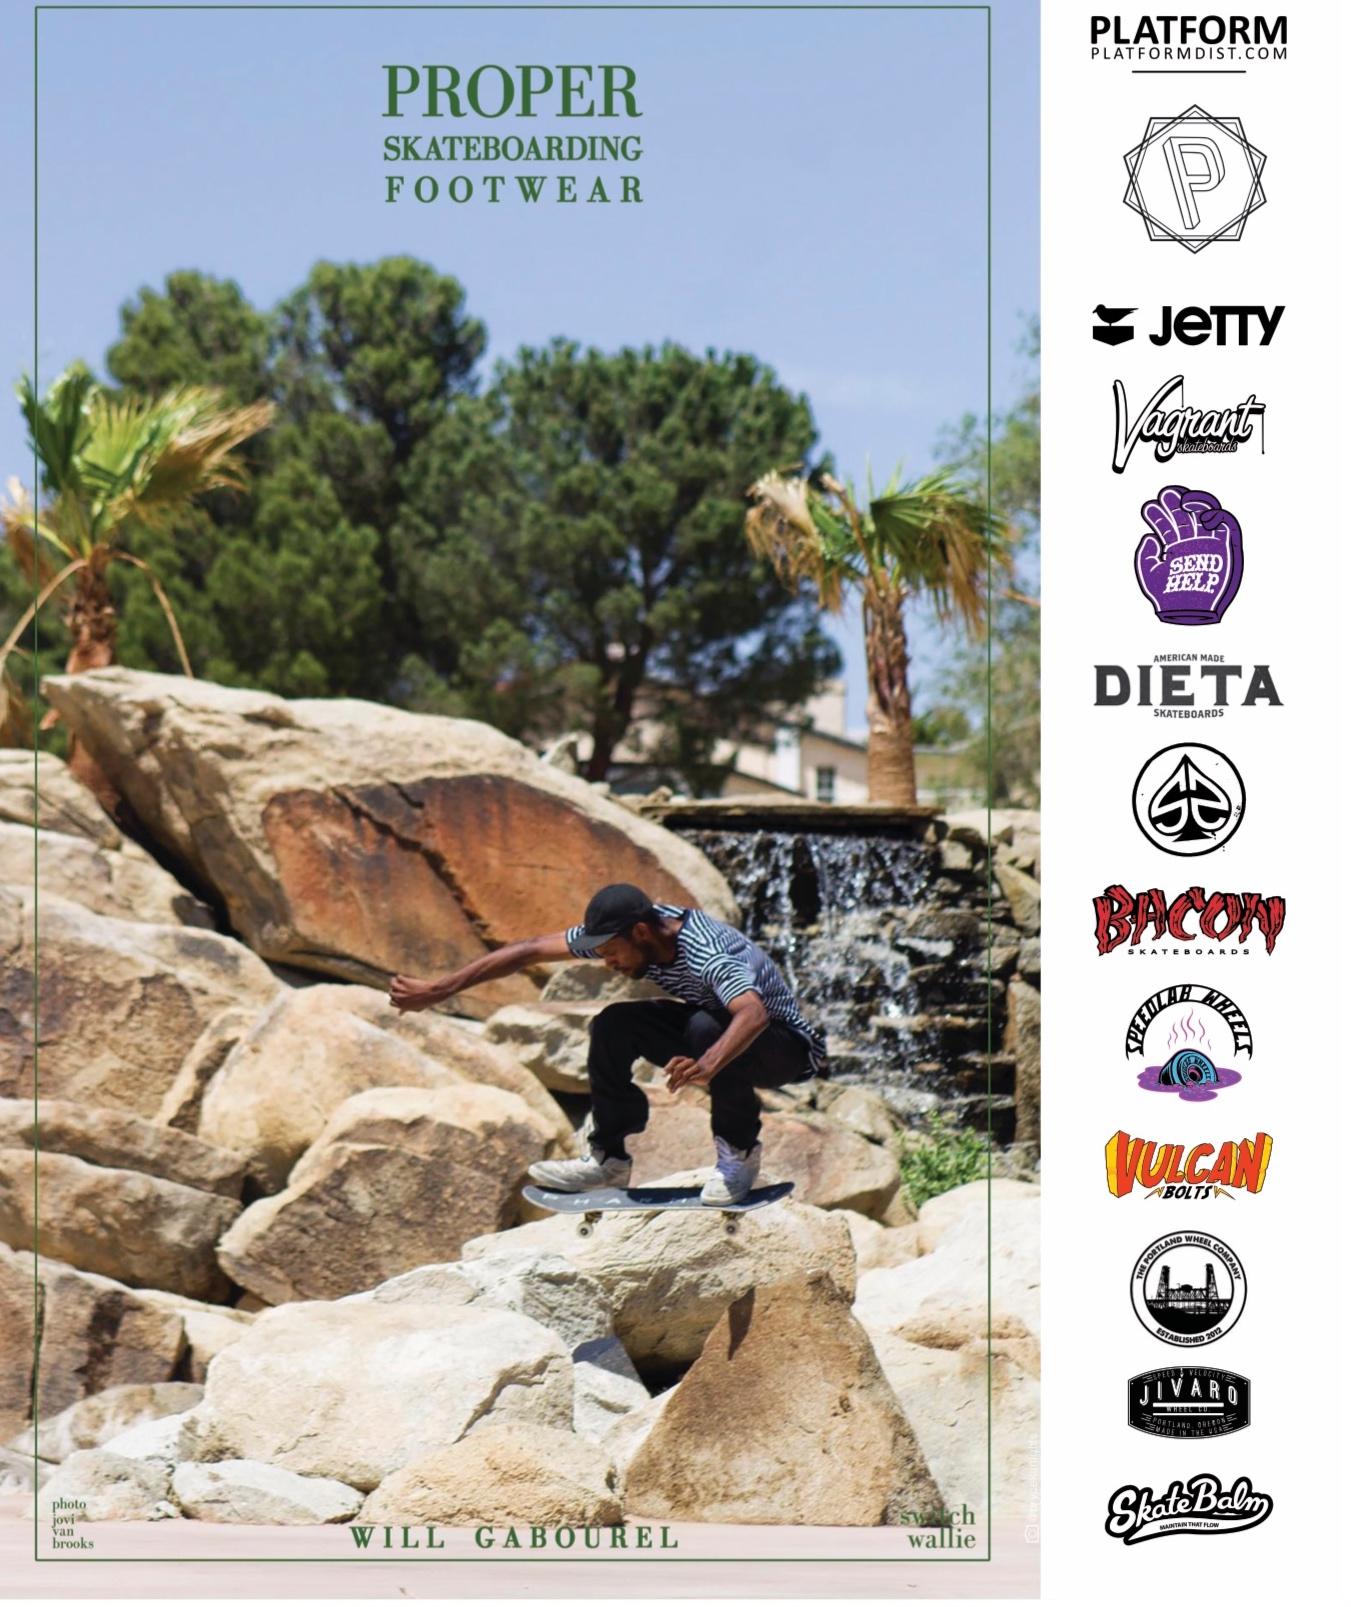 Proper Footwear ad feat Will Gabourel in SBC Skateboard